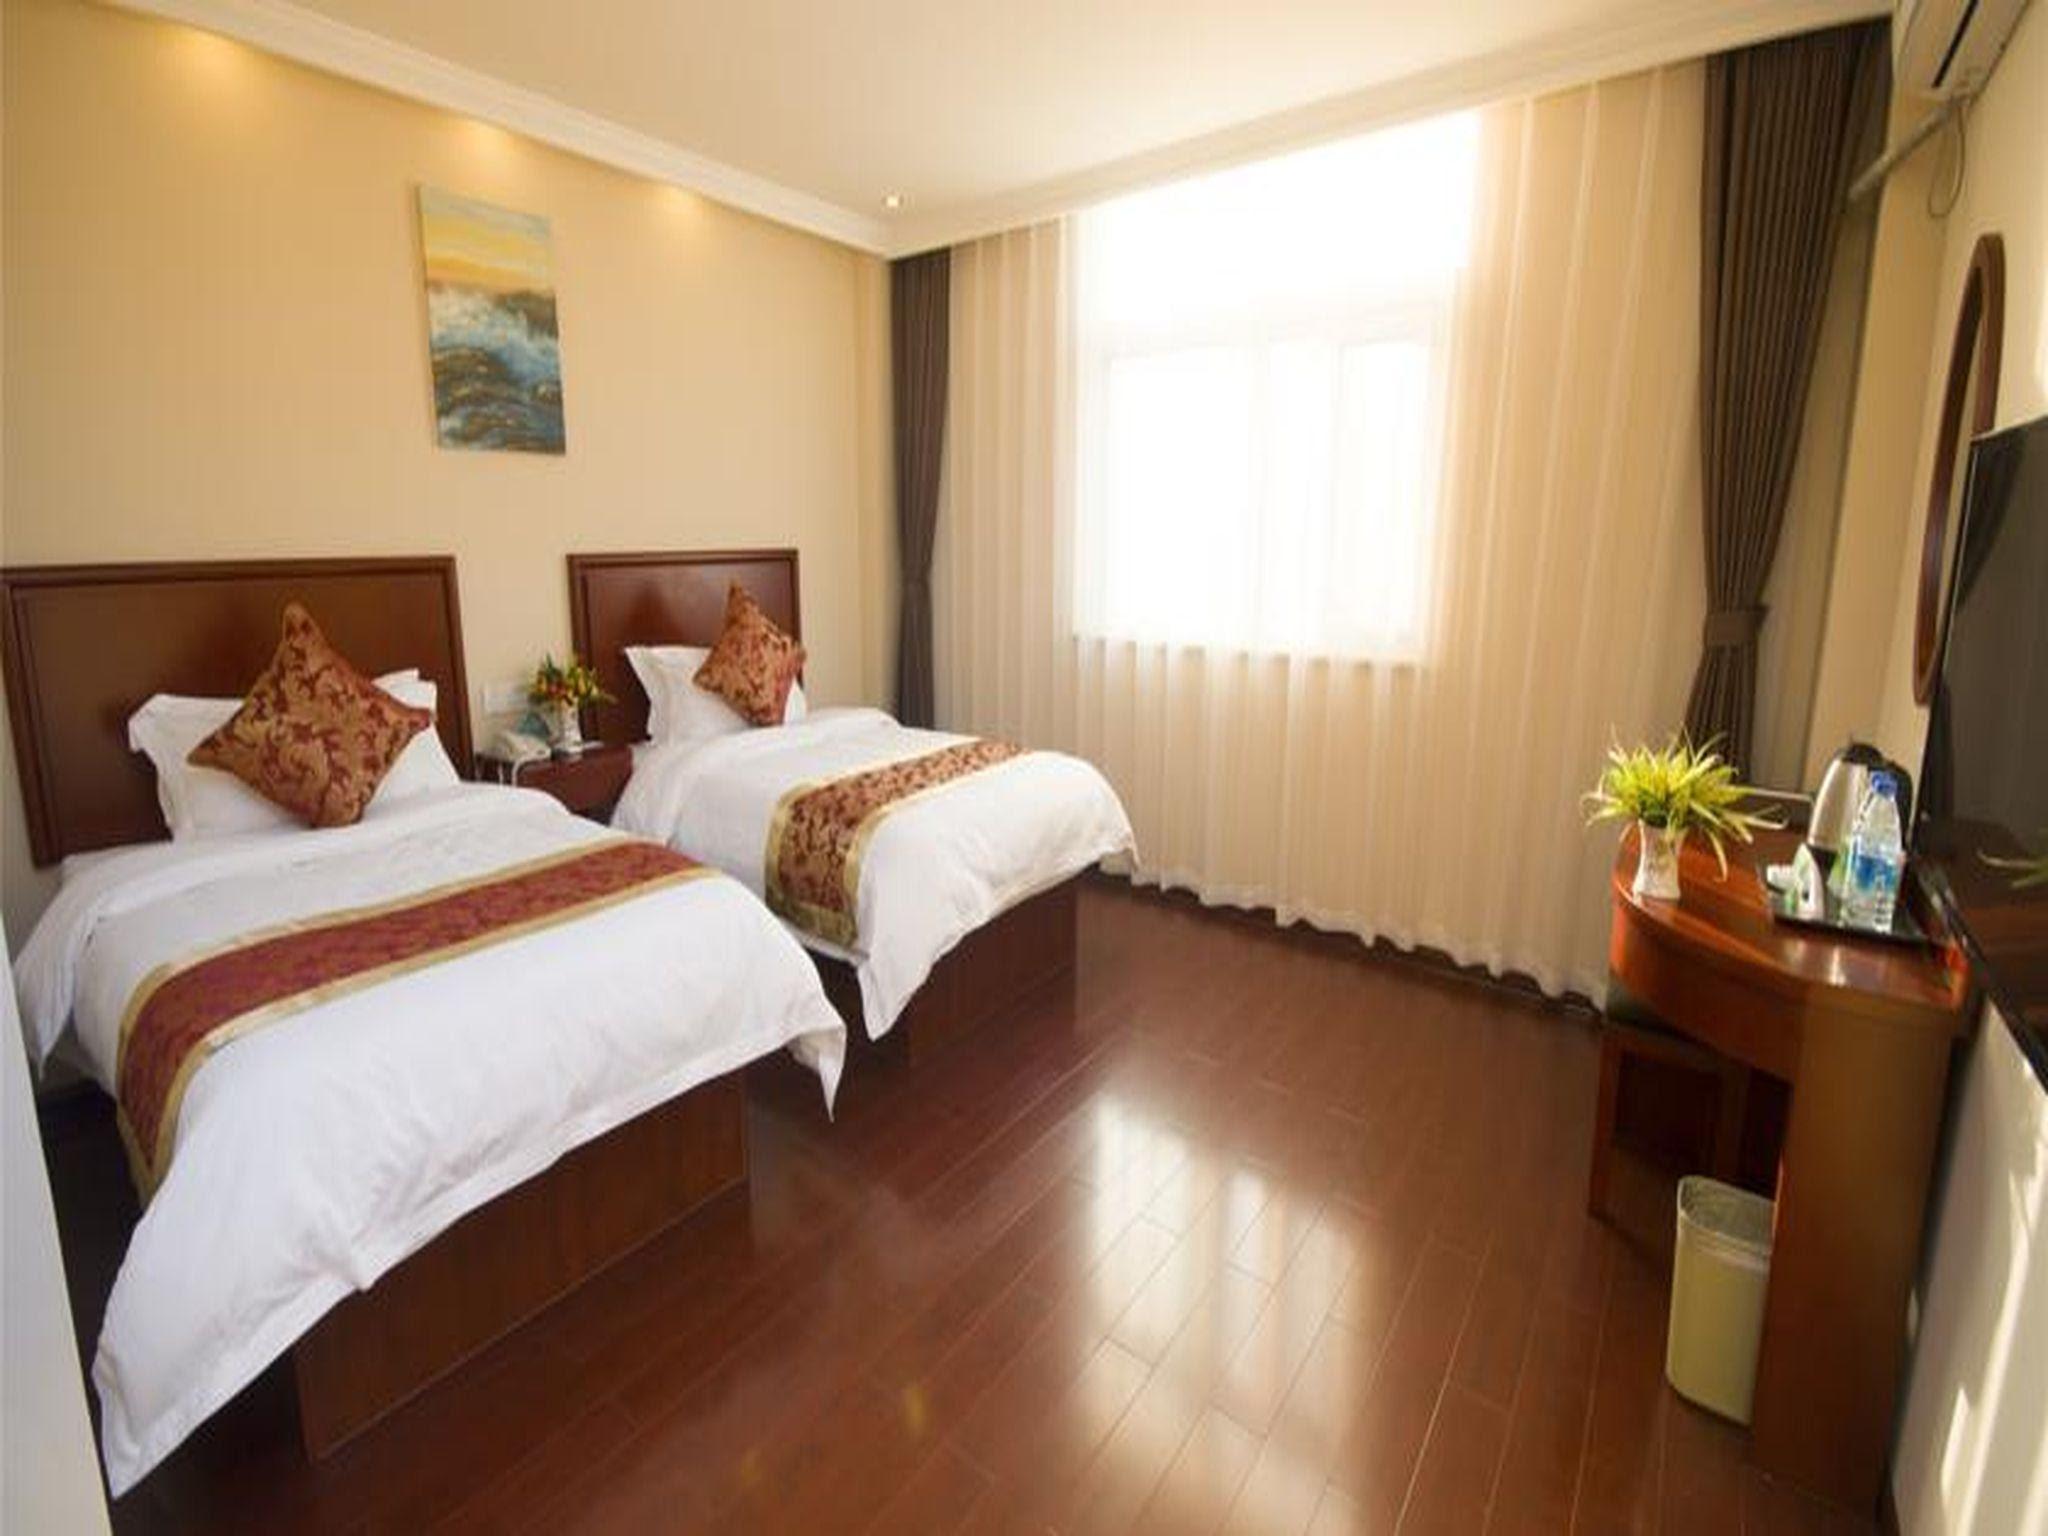 Shell Hotel Nanjing Hunan Road Shizi Bridge Pedestrian Street Hotel Reviews